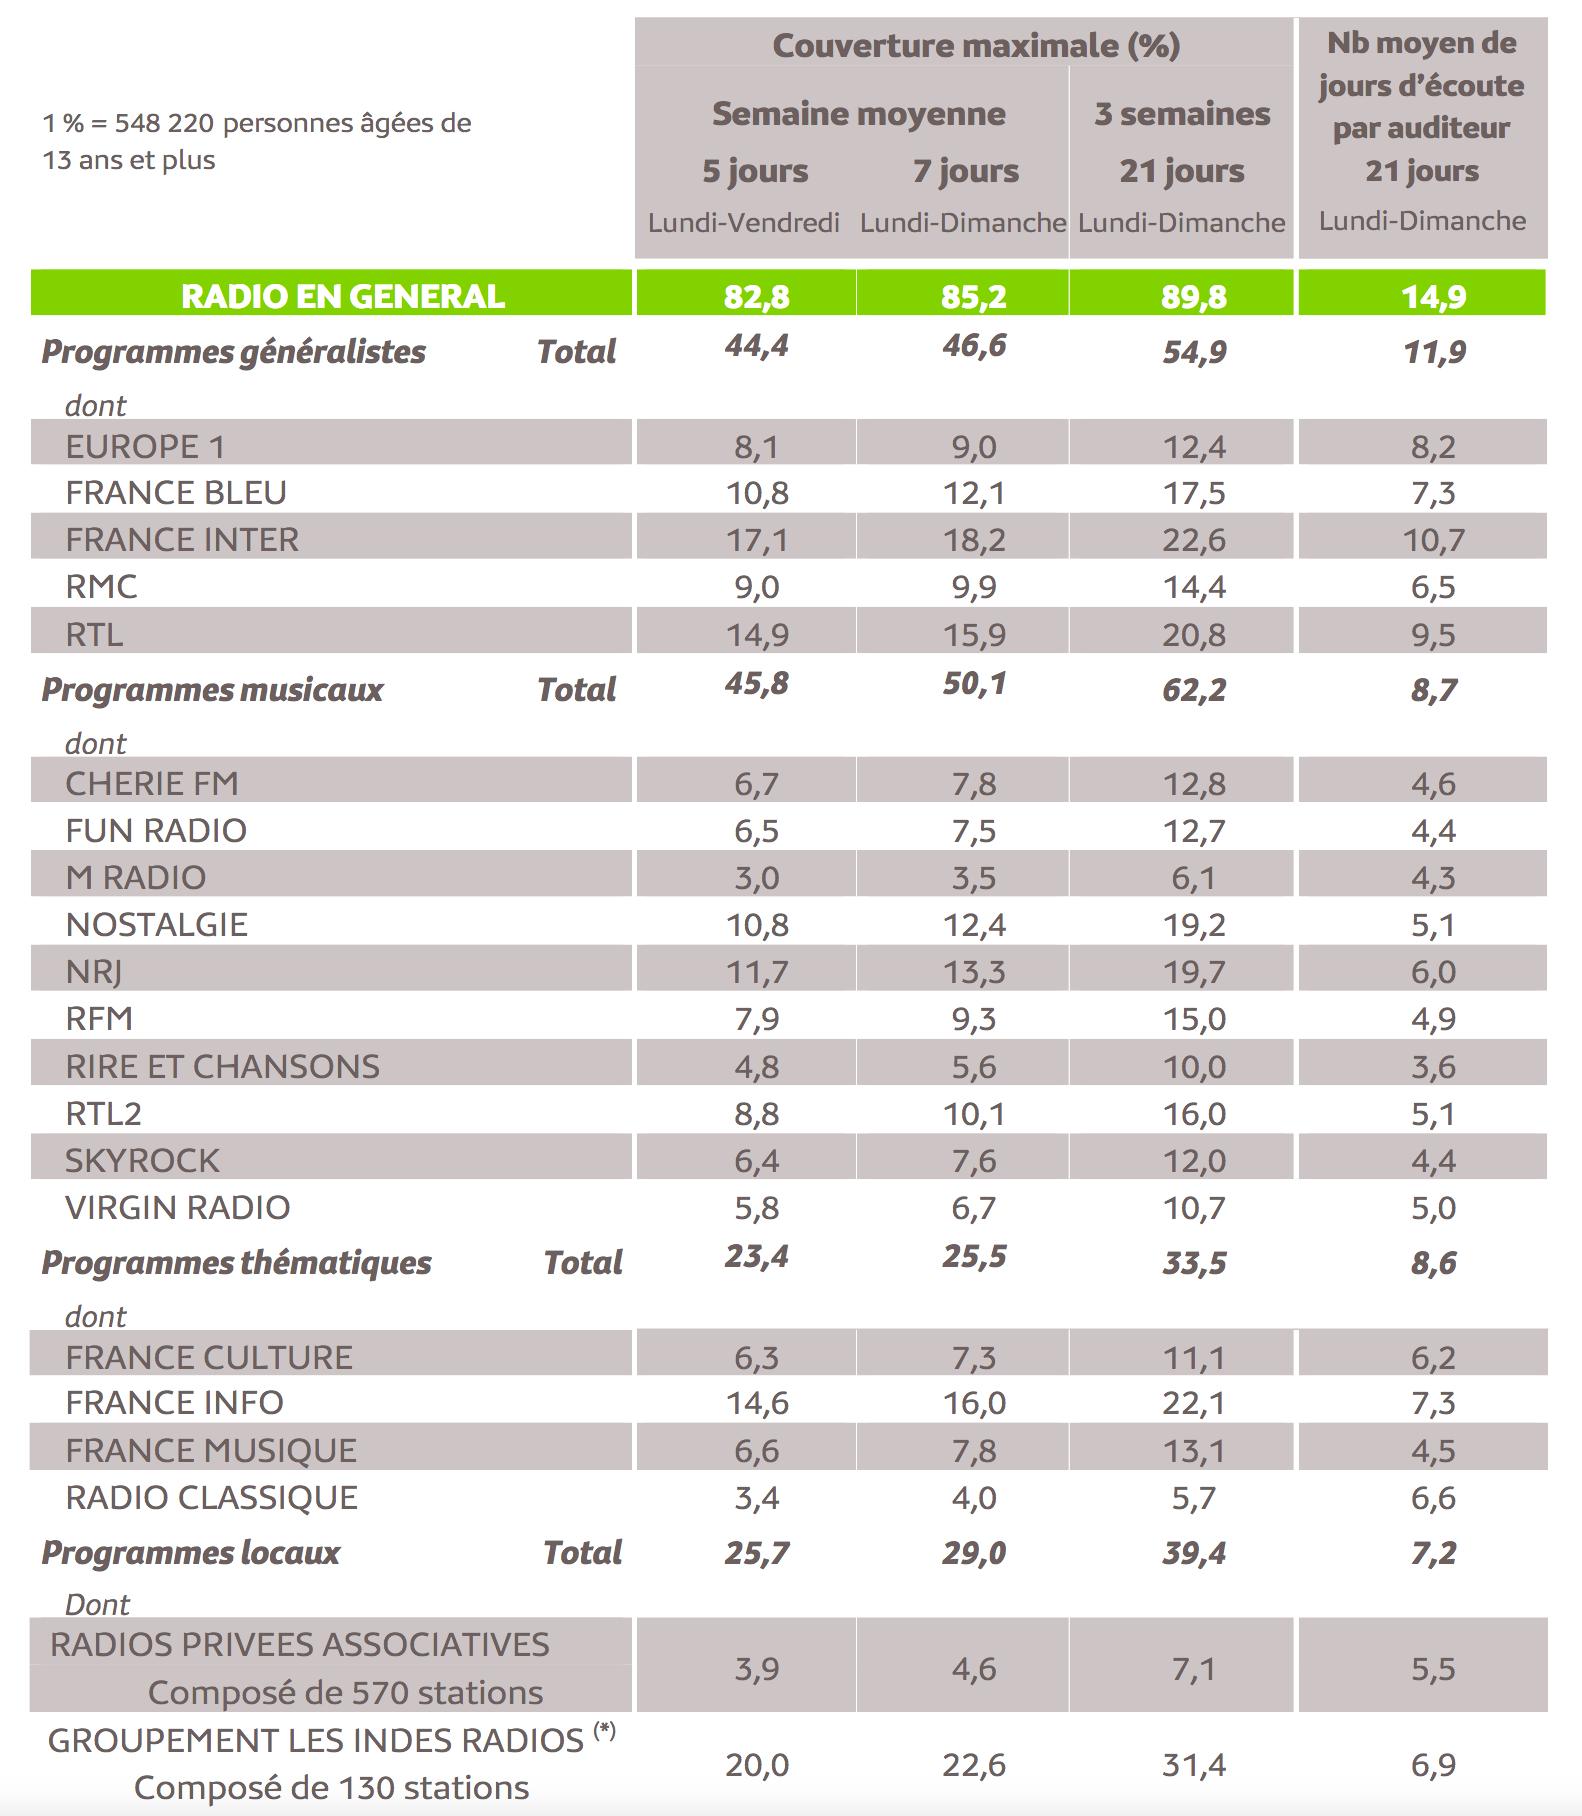 Source : Médiamétrie - Panel Radio 2020/2021 - Copyright Médiamétrie - Tous droits réservés